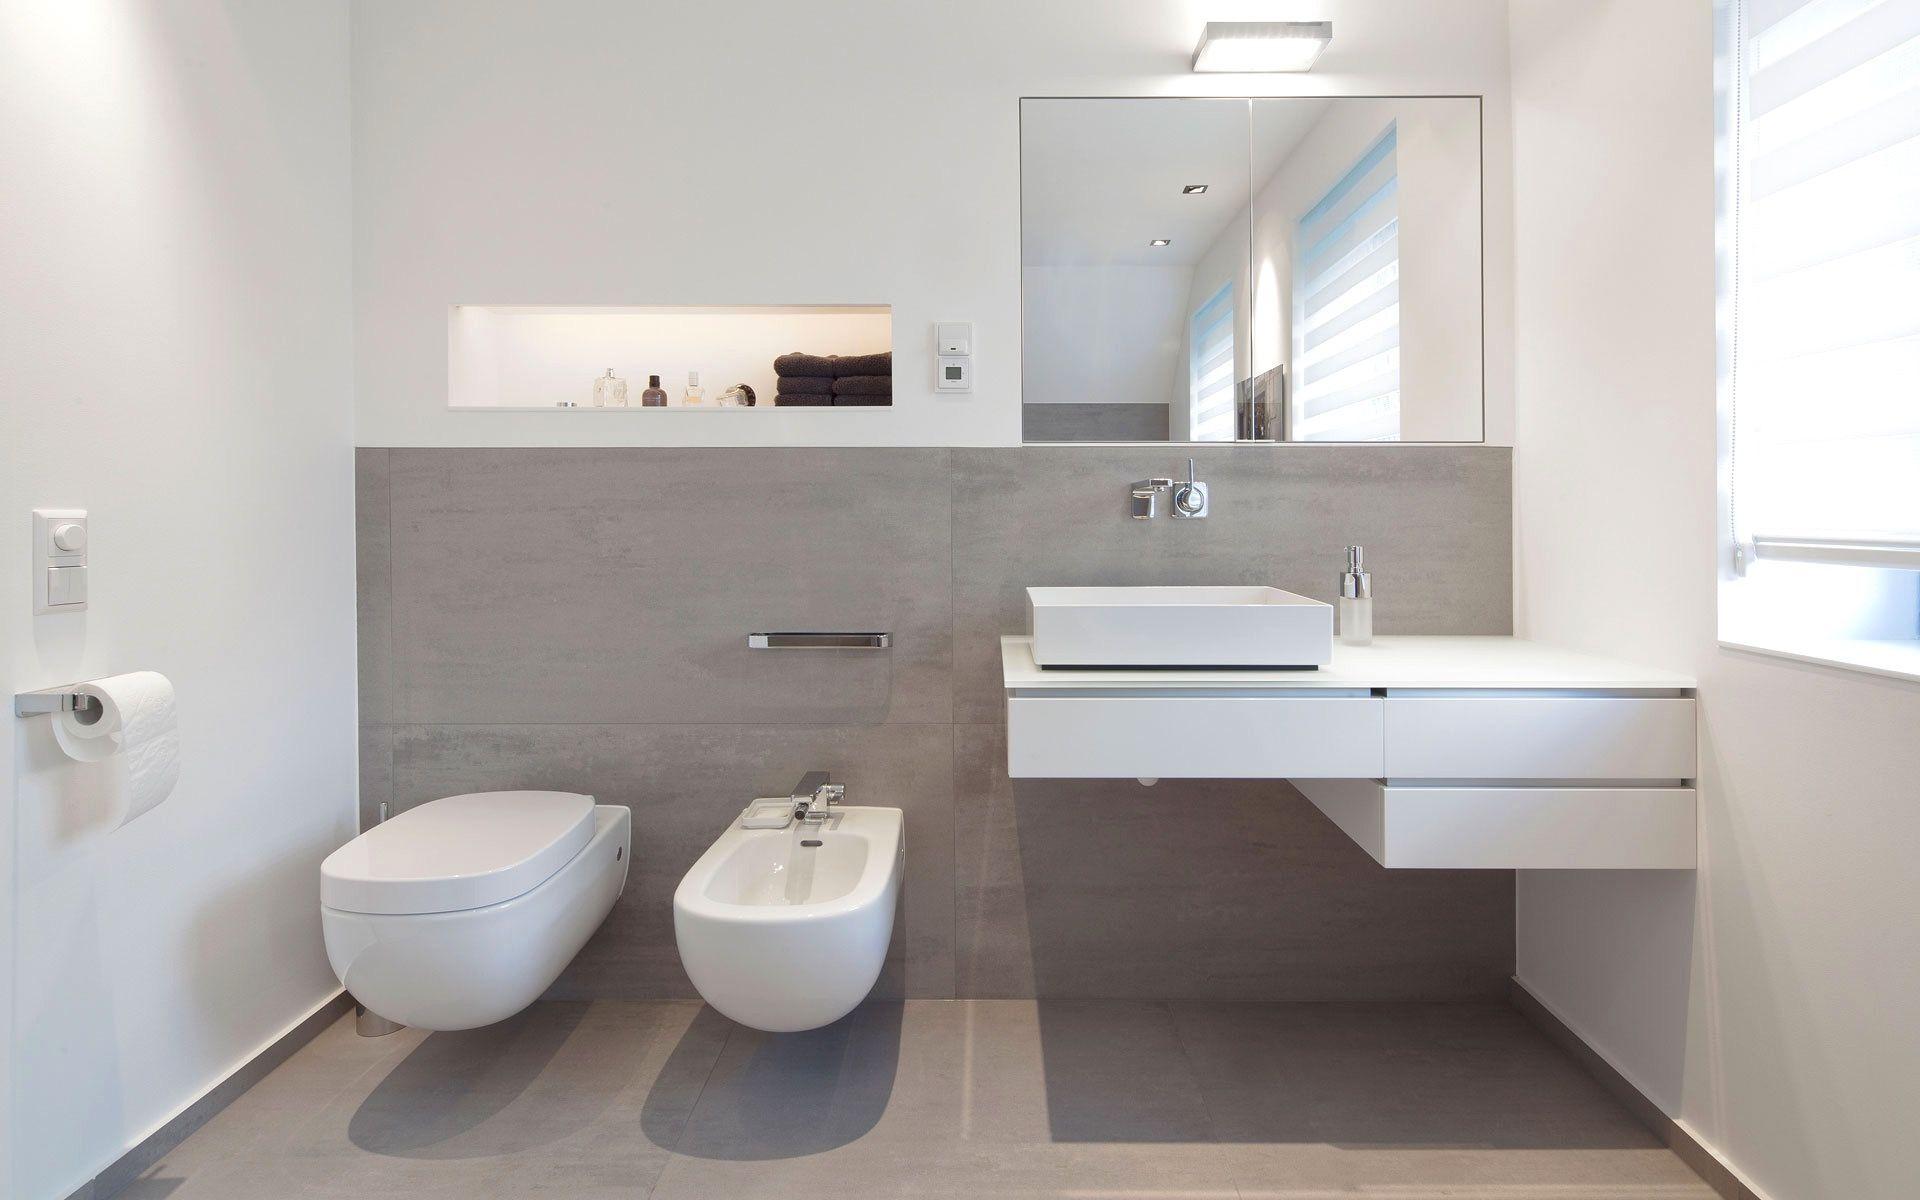 Badezimmer Ideen Fernen Verfuhrerisch Moderne Badezimmer Fliesen Badezimmer Ideen Fernen Verf Badezimmer Fliesen Badezimmer Fliesen Grau Badezimmer Ideen Grau